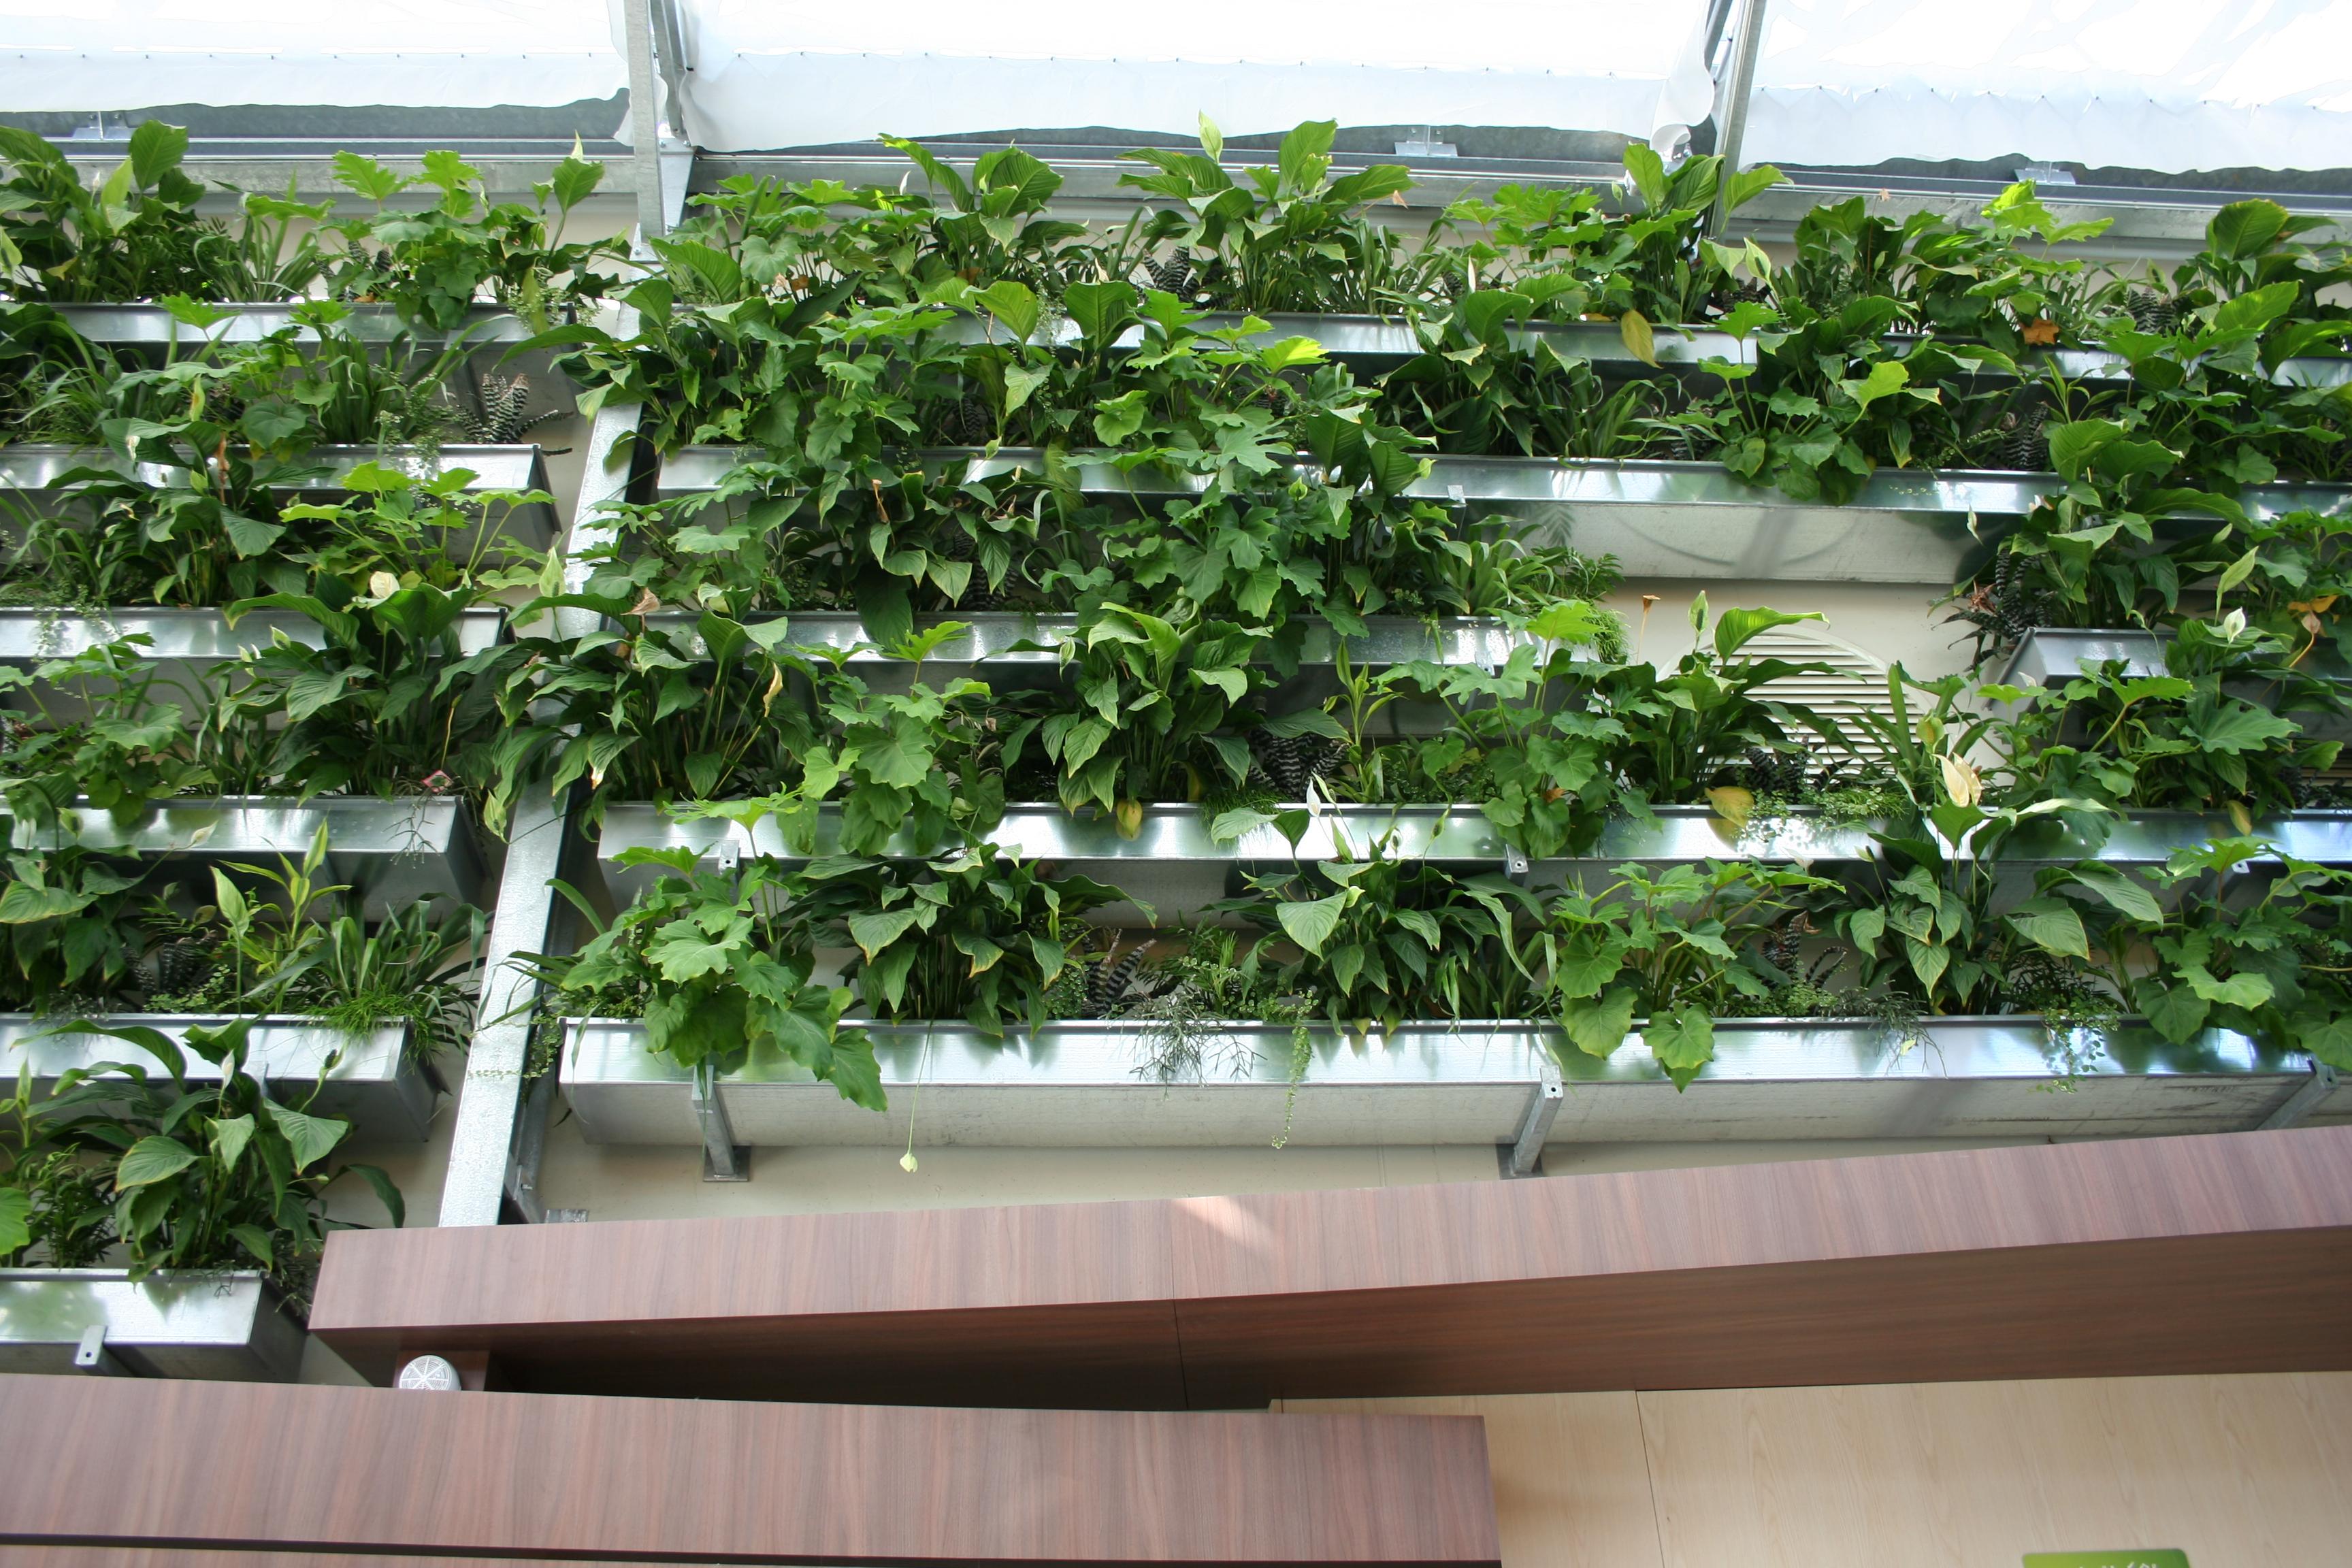 Mur Vegetal Plante Grasse que penser des murs végétaux ? | gamm vert